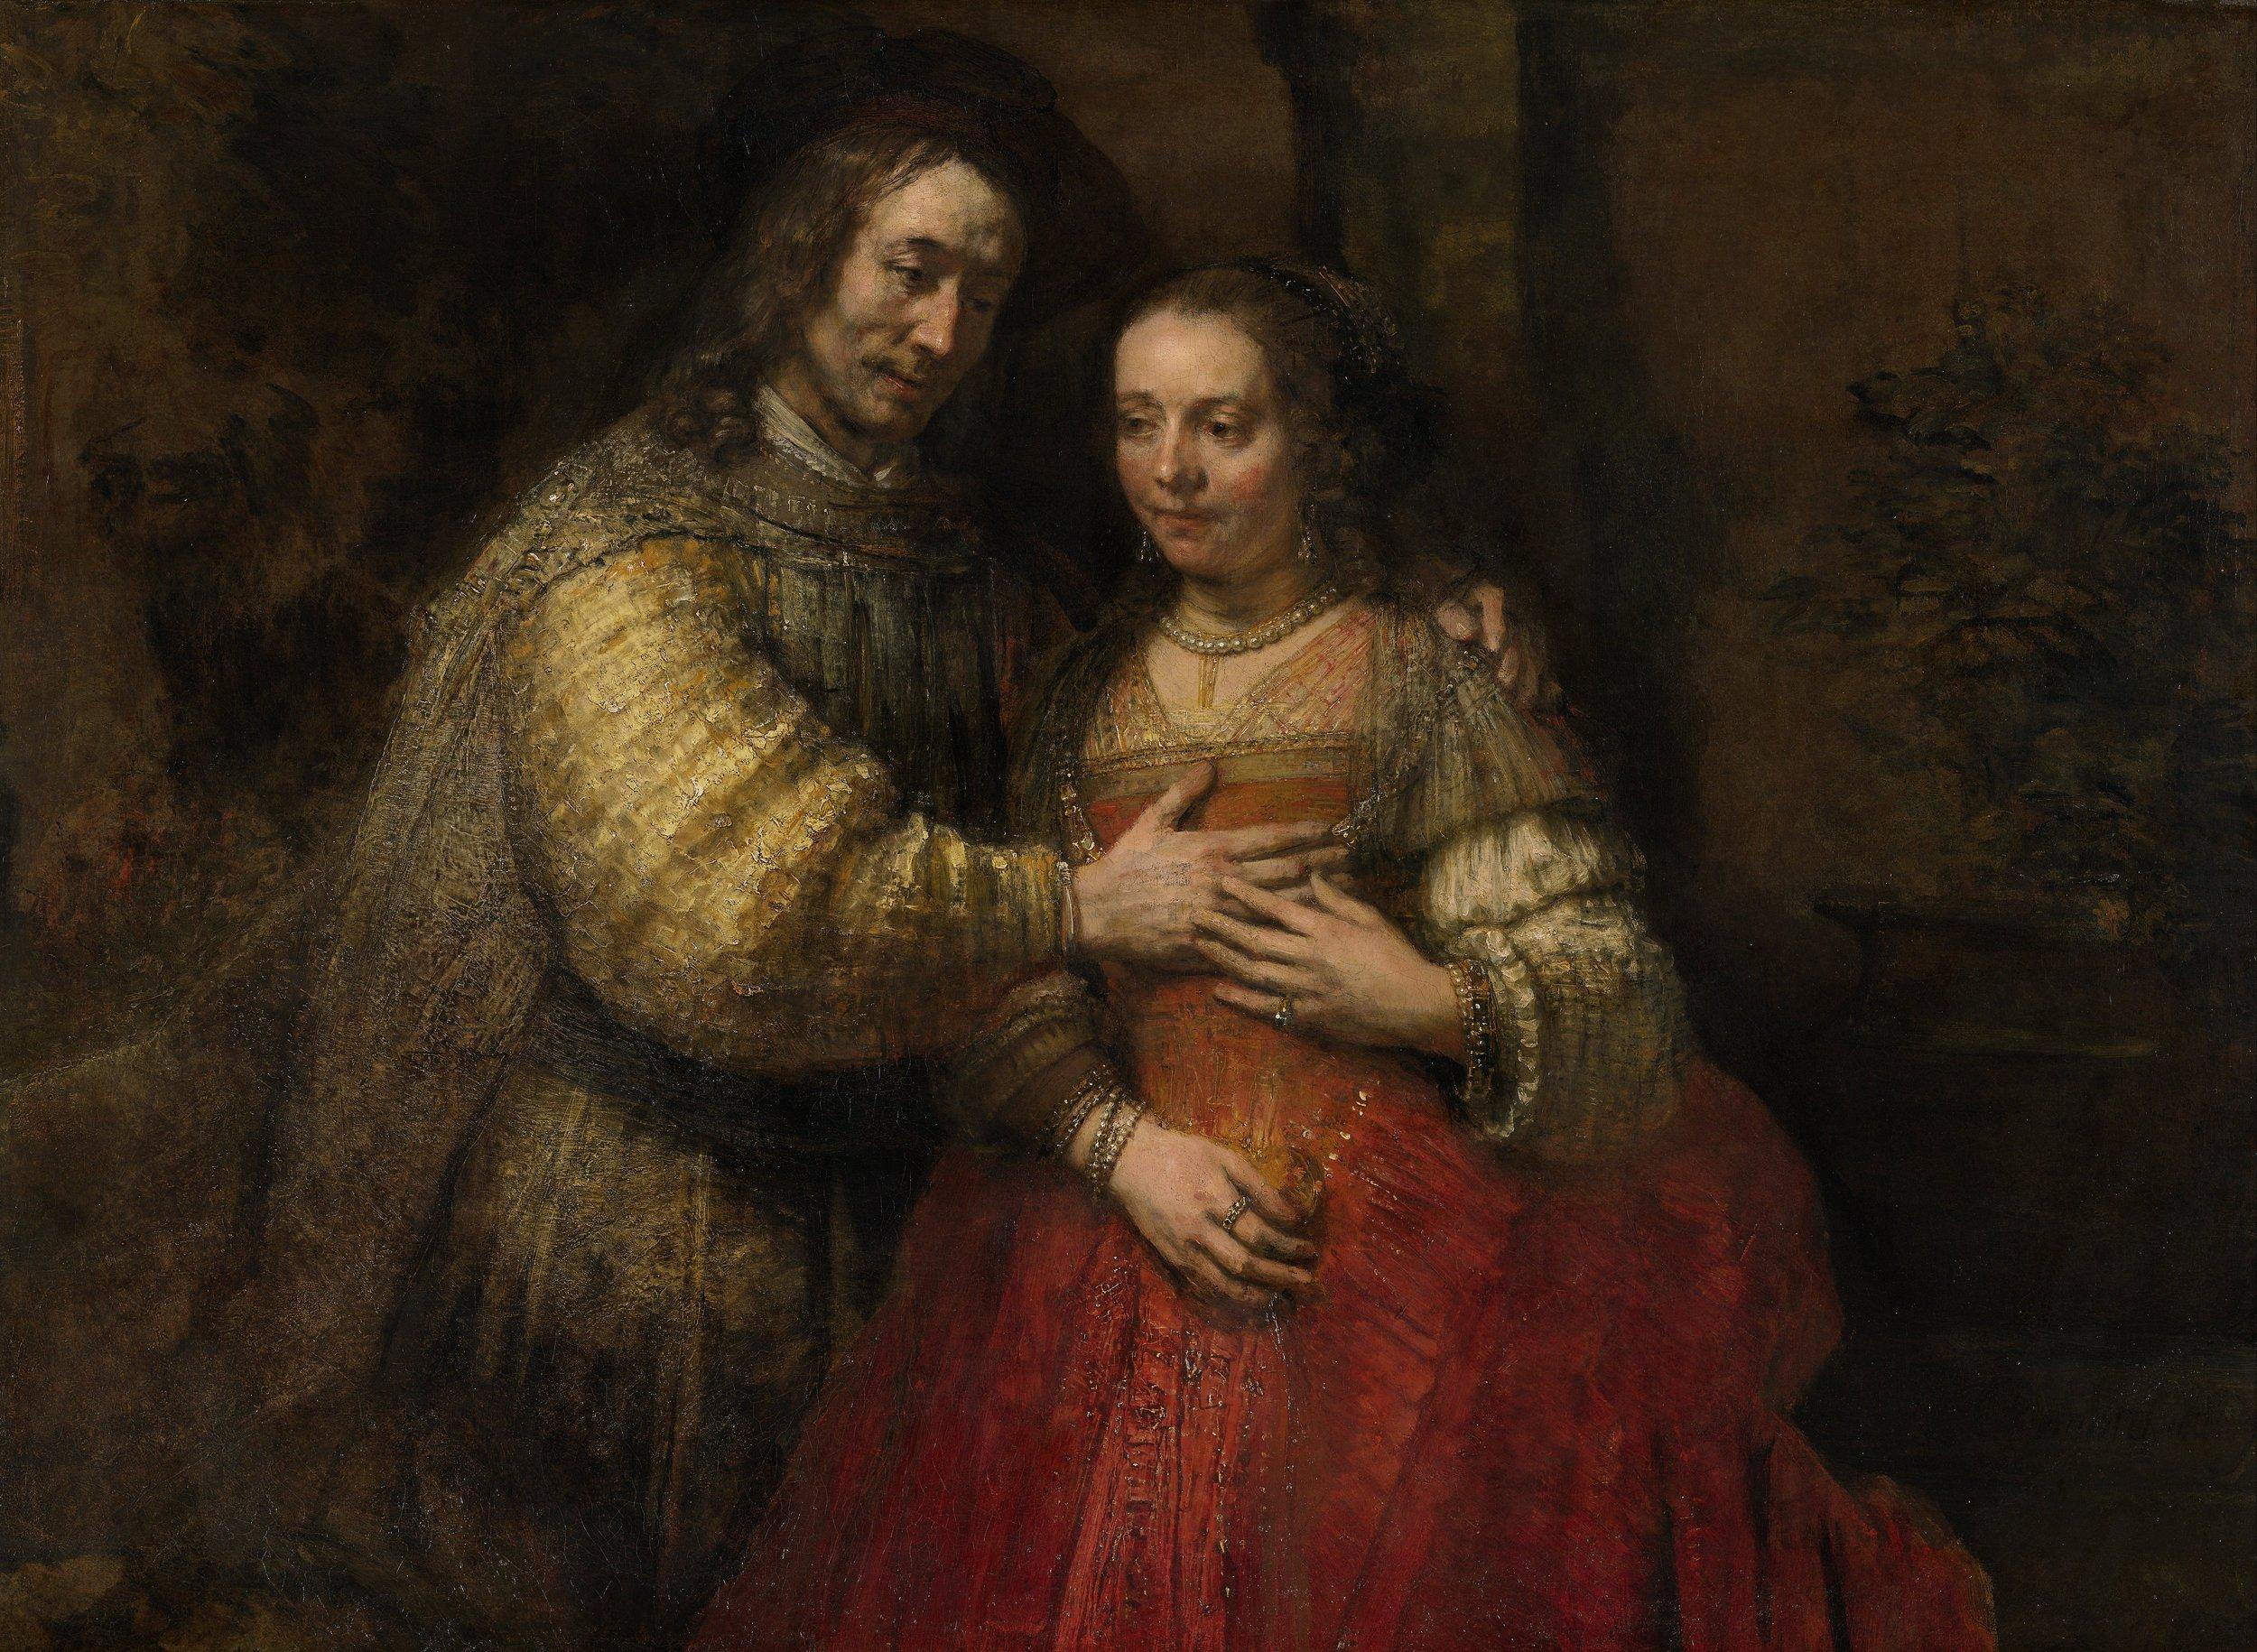 The Jewish Bride , Rembrandt, c.1665 – c. 1669, Rijksmuseum, Amsterdam